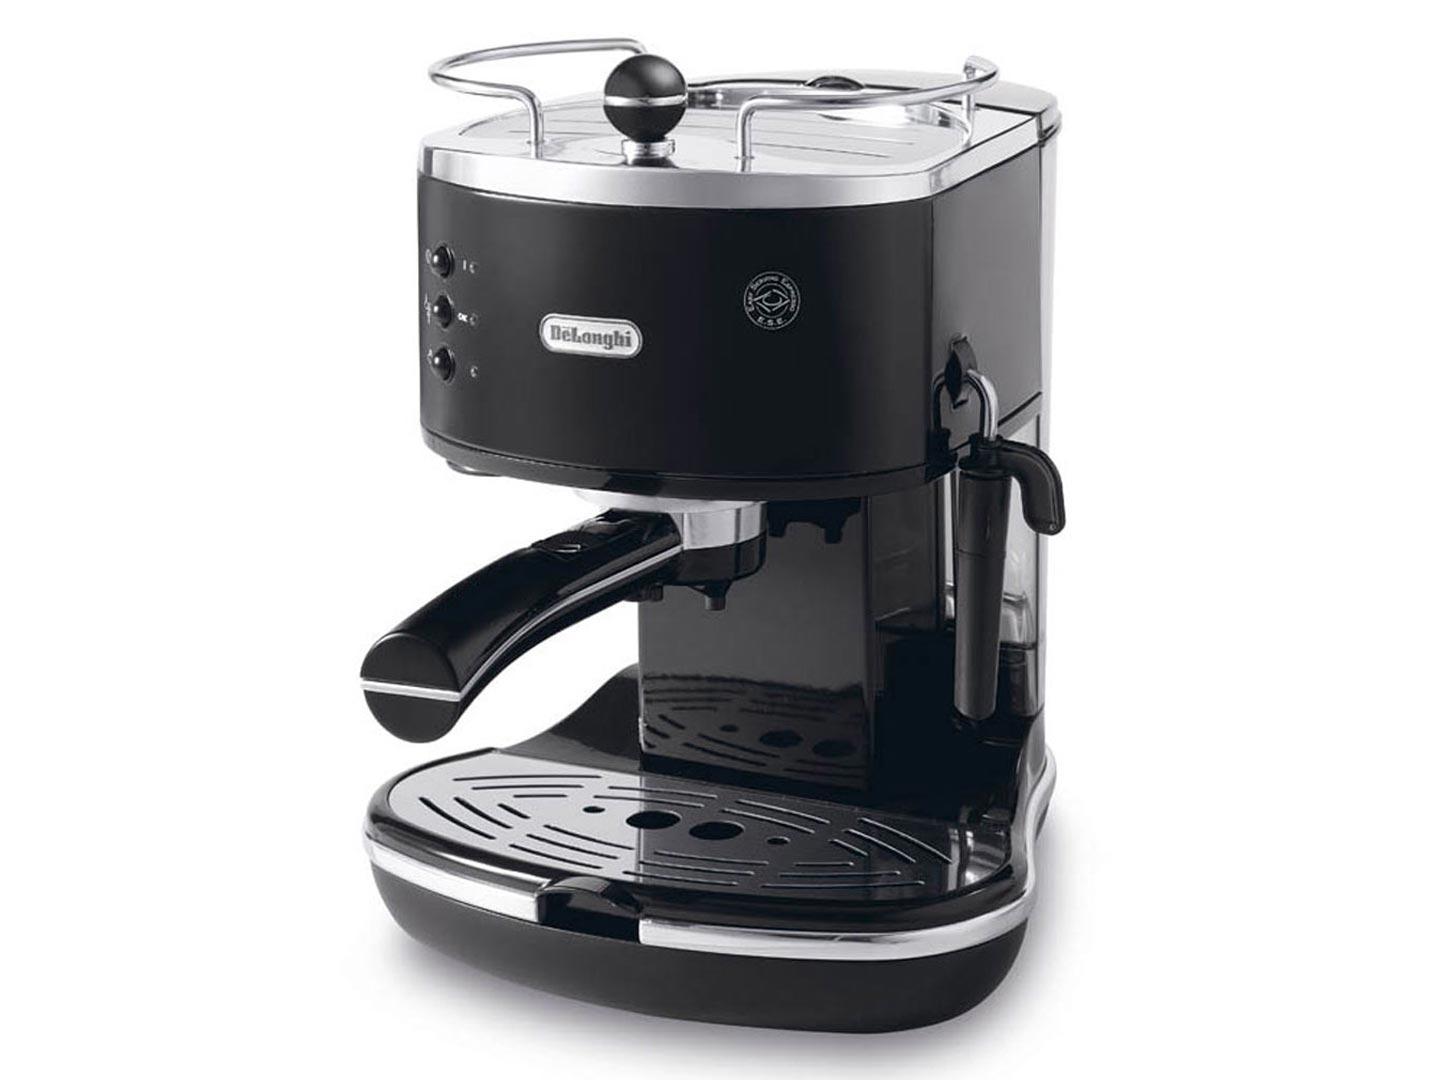 Eco310 Delonghi Macchina Da Caff Espresso Ricambi Service Tvc Bialetti Machine Mokona Rossa